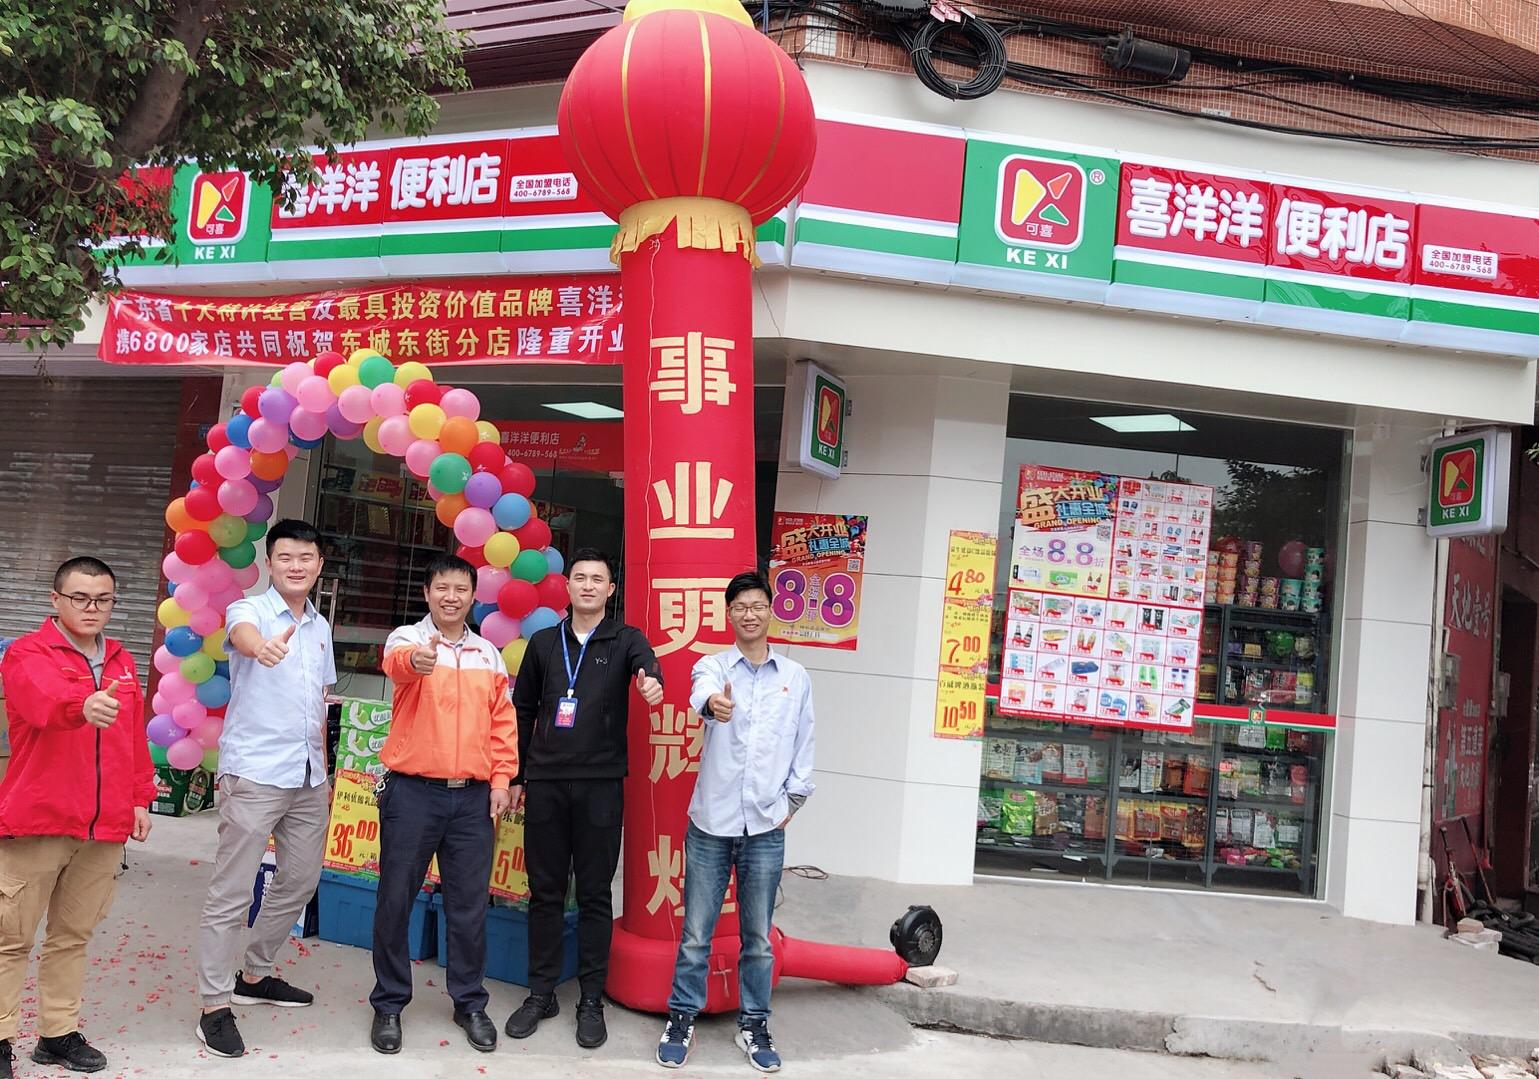 热烈祝贺喜洋洋1月13日又迎来新店开业:东城区东街分店